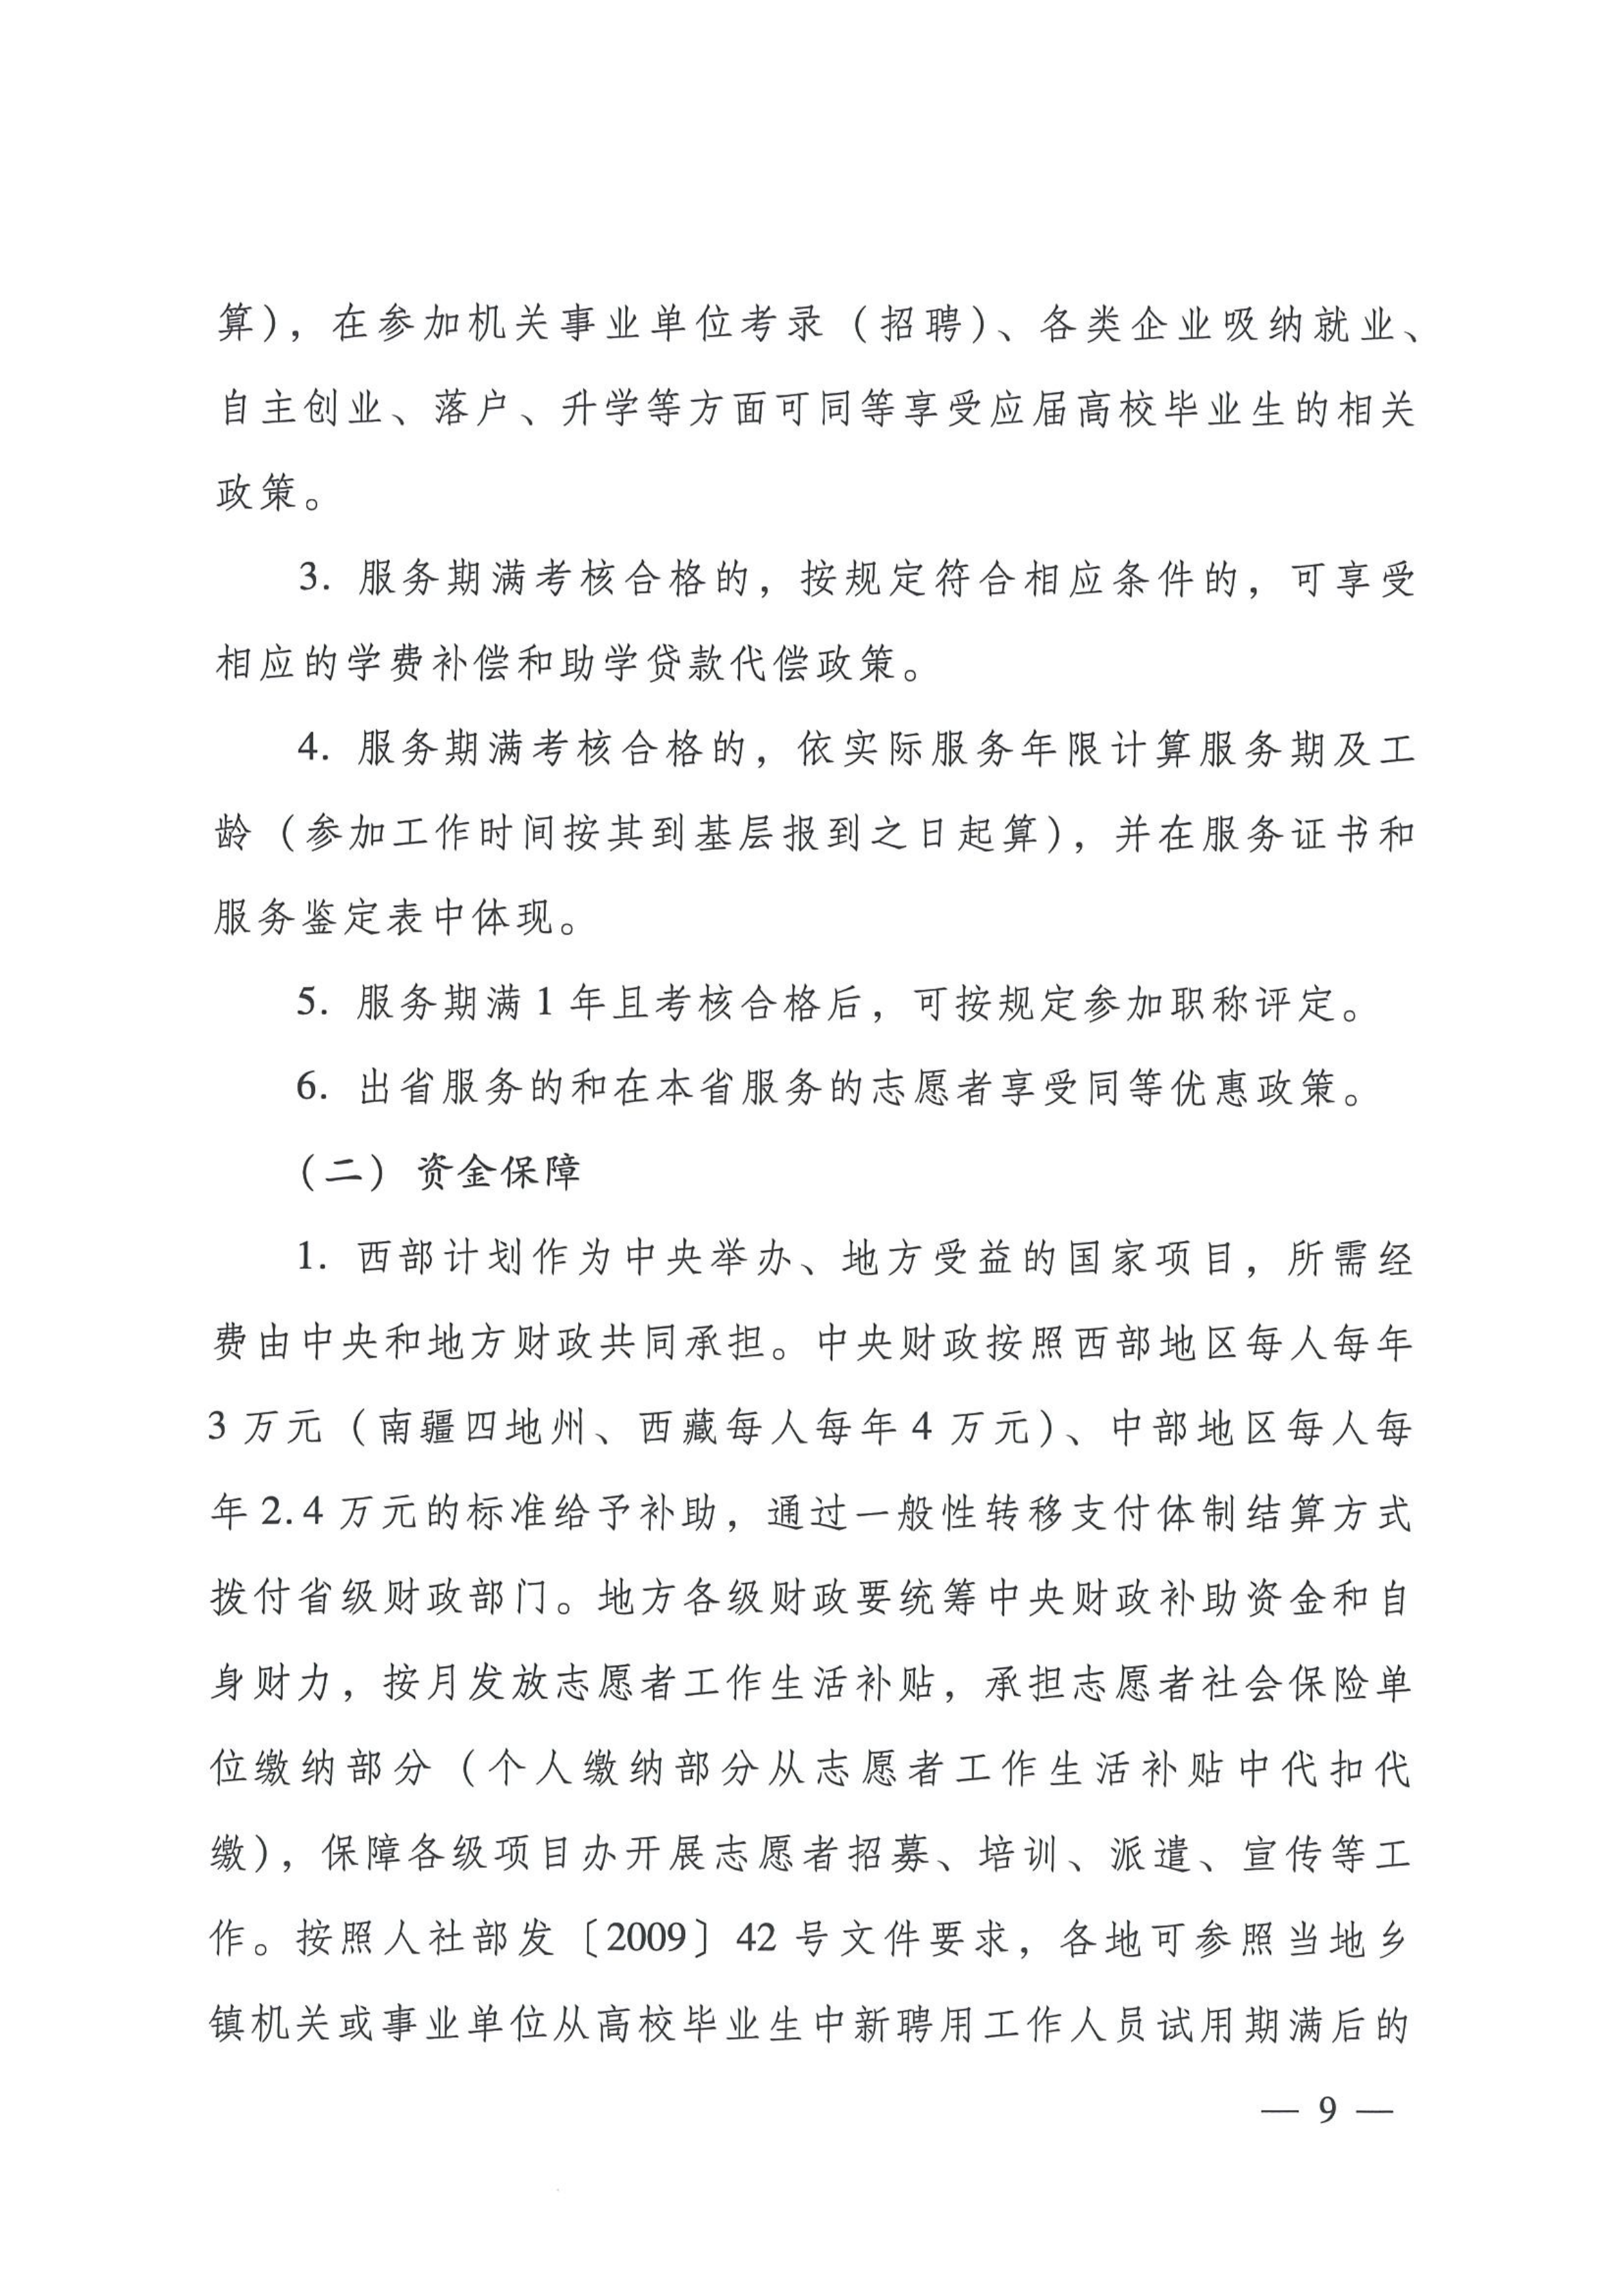 7-晋科院团[2019]7号-关于转发共青团中央《关于印发2019-2020年度大学生志愿服务西部计划实施方案》的通知》的通知_09.png